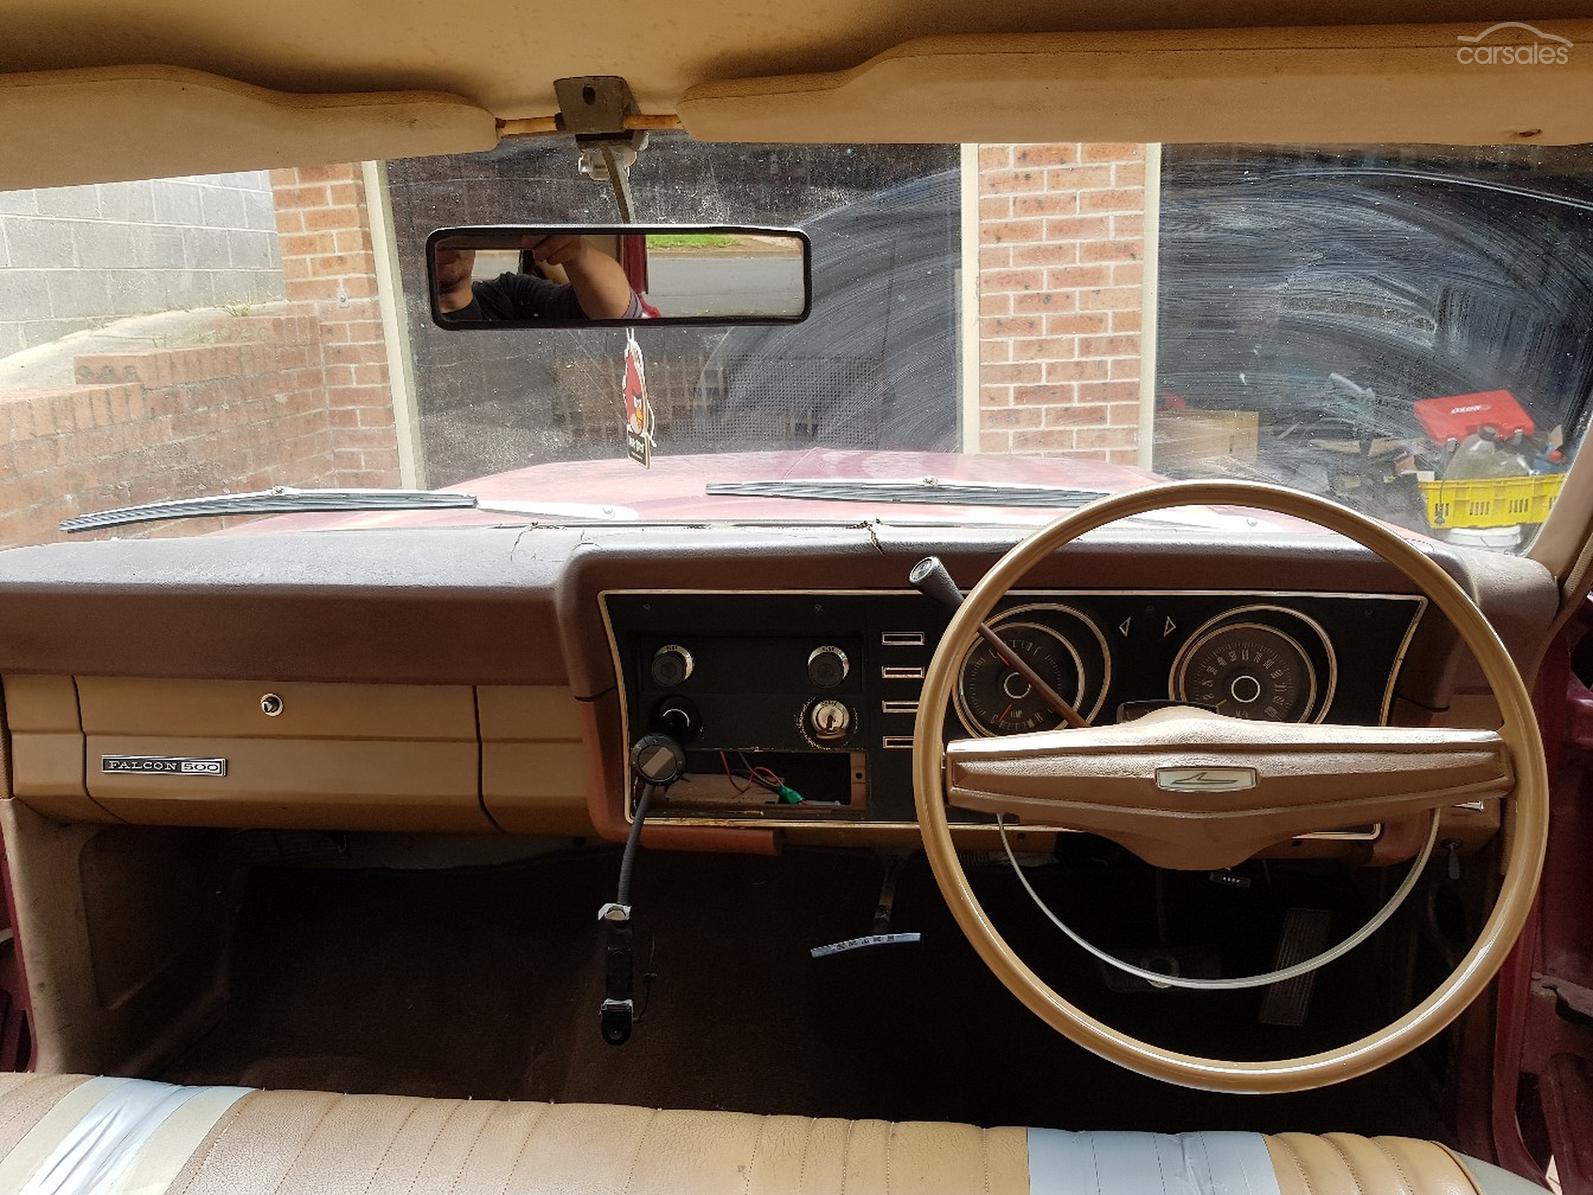 1969 Ford Falcon Futura XW Auto-SSE-AD-3937959 - carsales com au